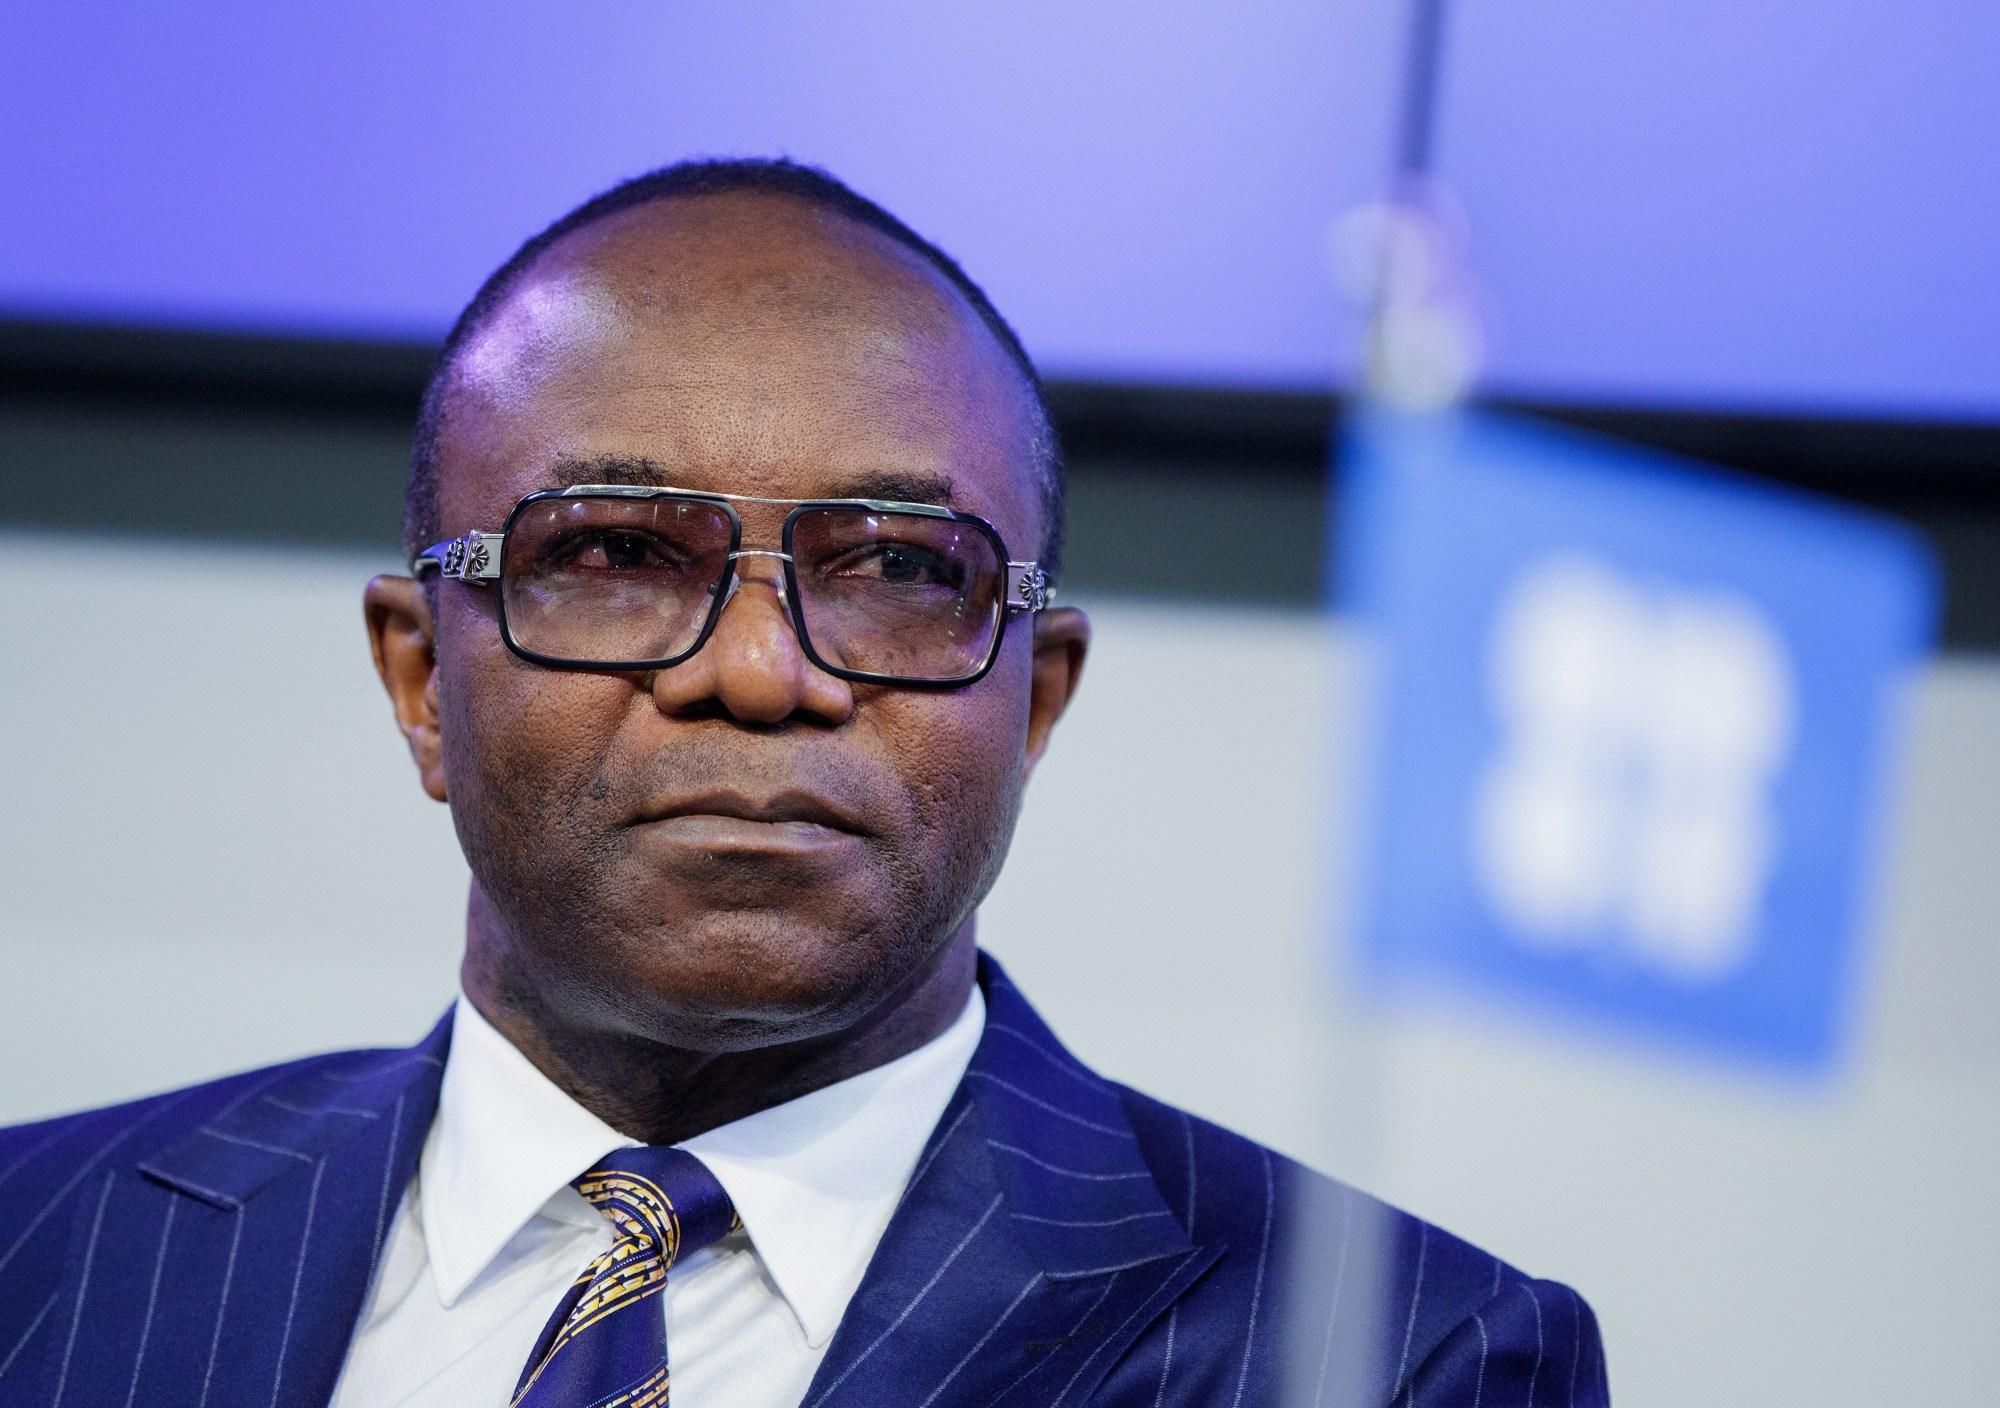 U.S. accuses ex-minister Ibe Kachikwu smuggling stolen Jaguar car from UK